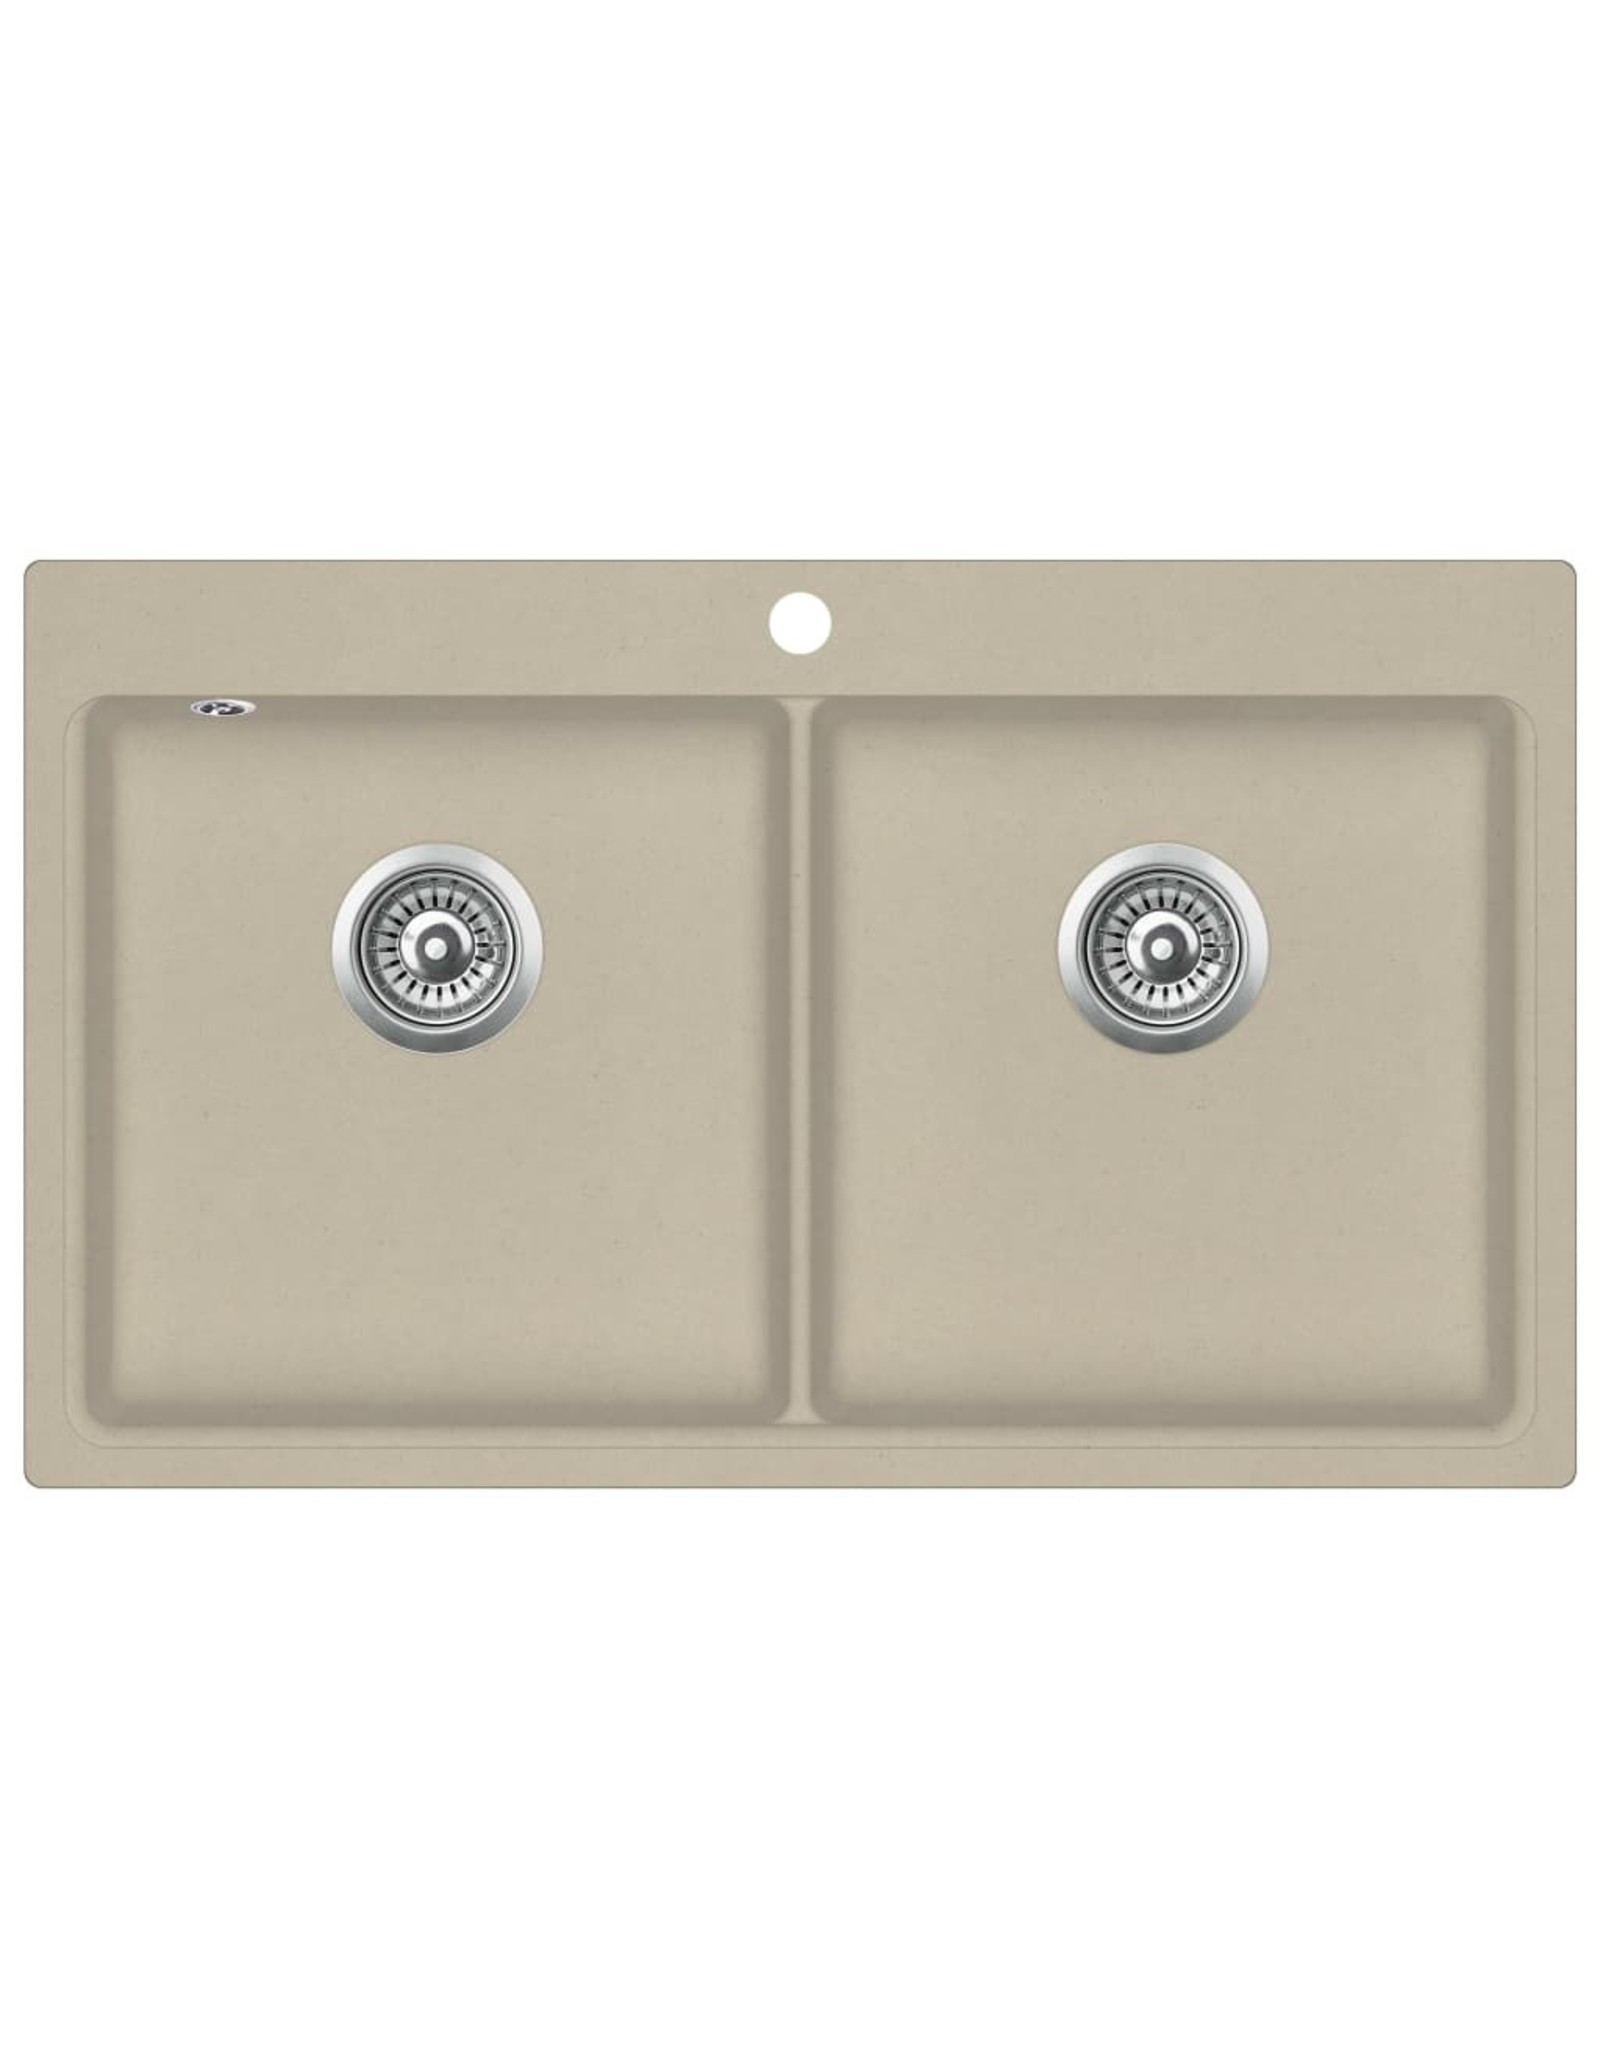 Gootsteen dubbele bakken graniet beige